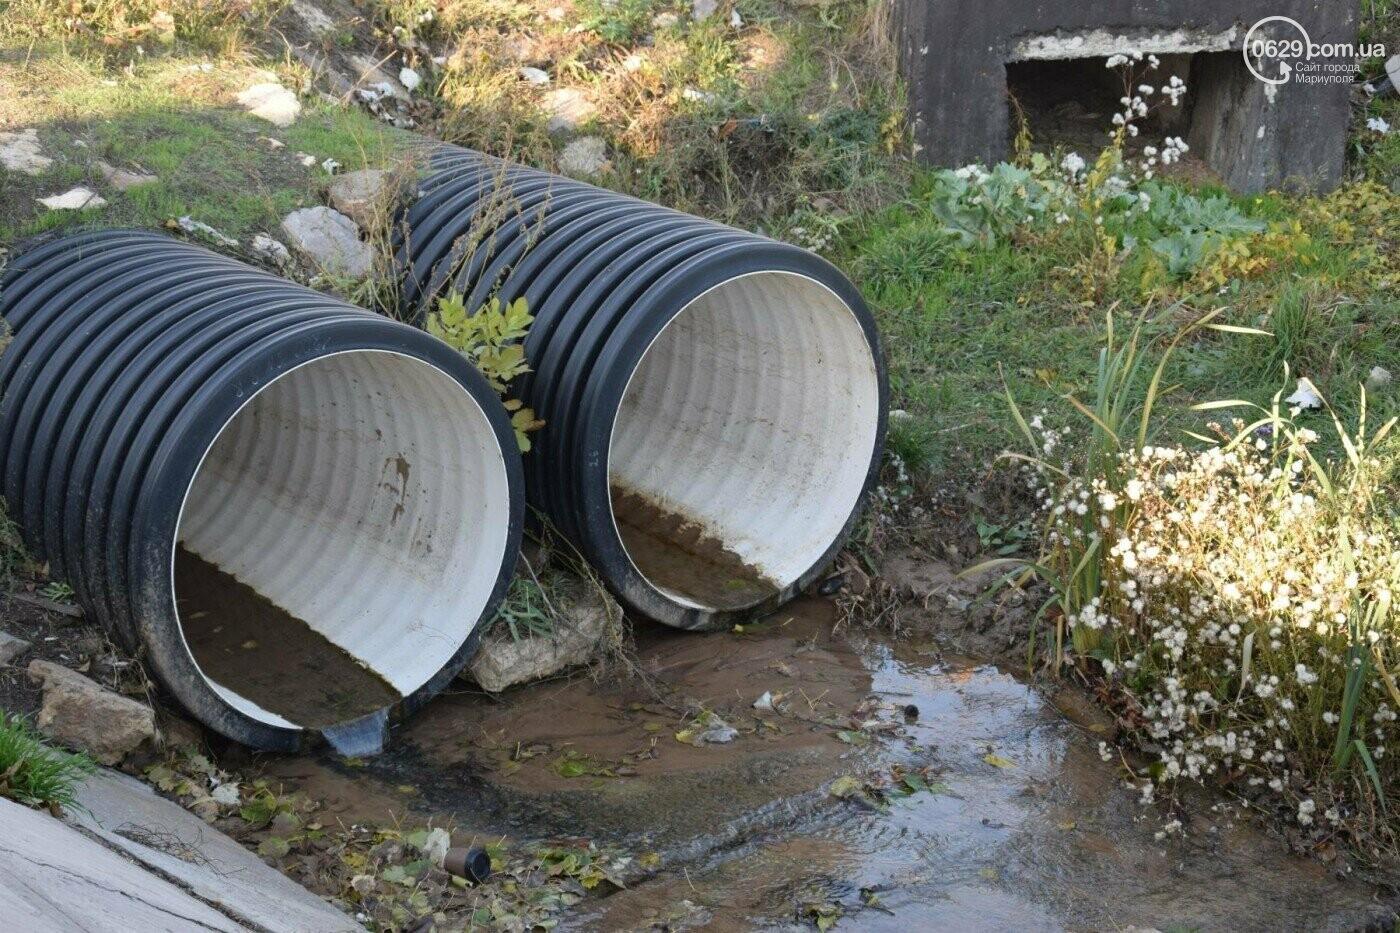 Мариупольцы обвинили фильтровальную станцию в подтоплении Гавани, - ФОТО, ВИДЕО, фото-3